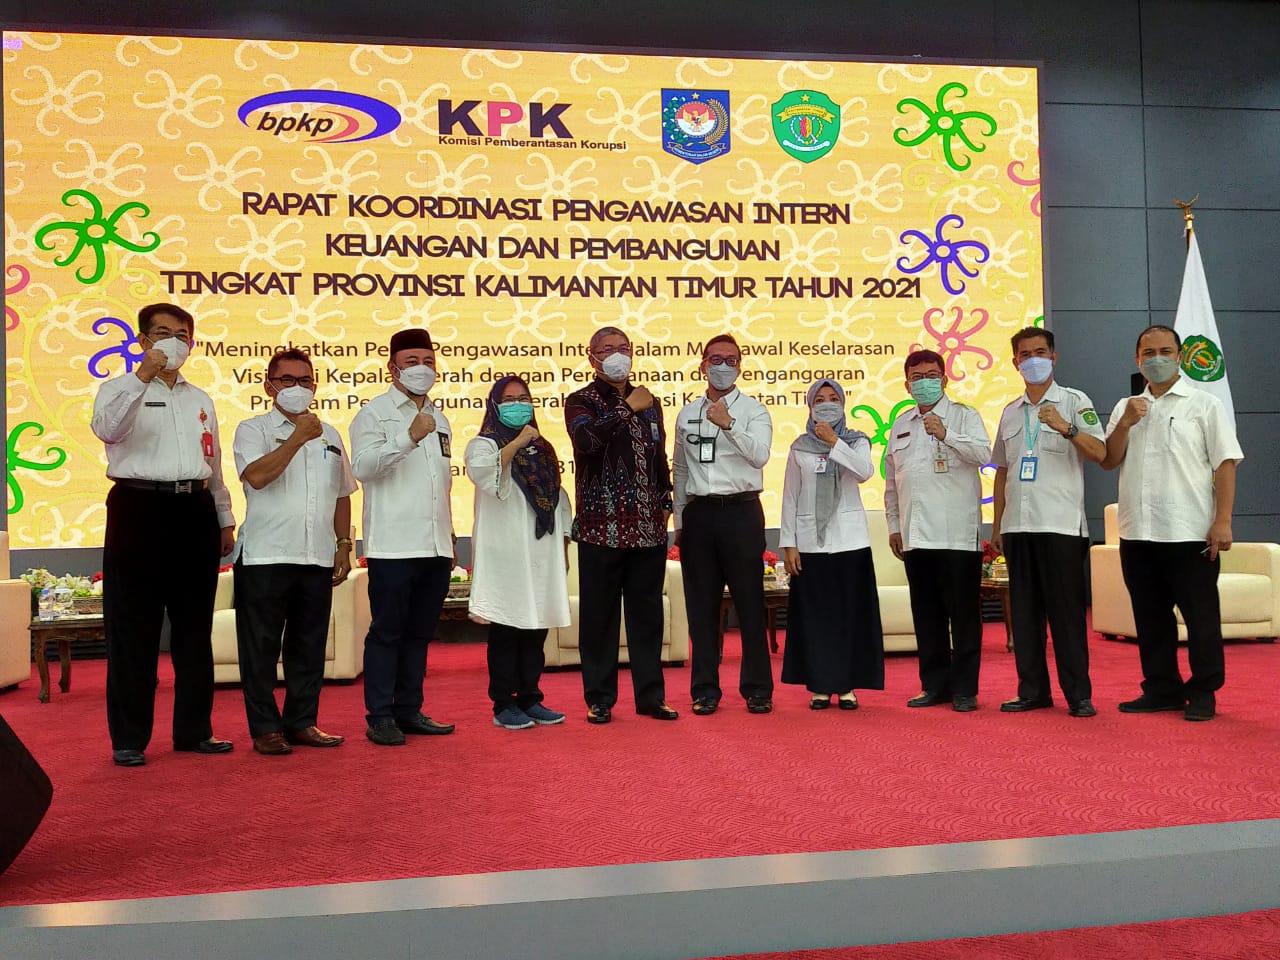 Menghadiri Rapat Koordinasi Pengawasan Intern Keuangan dan Pengembangan Daerah Provinsi Kalimantan Timur